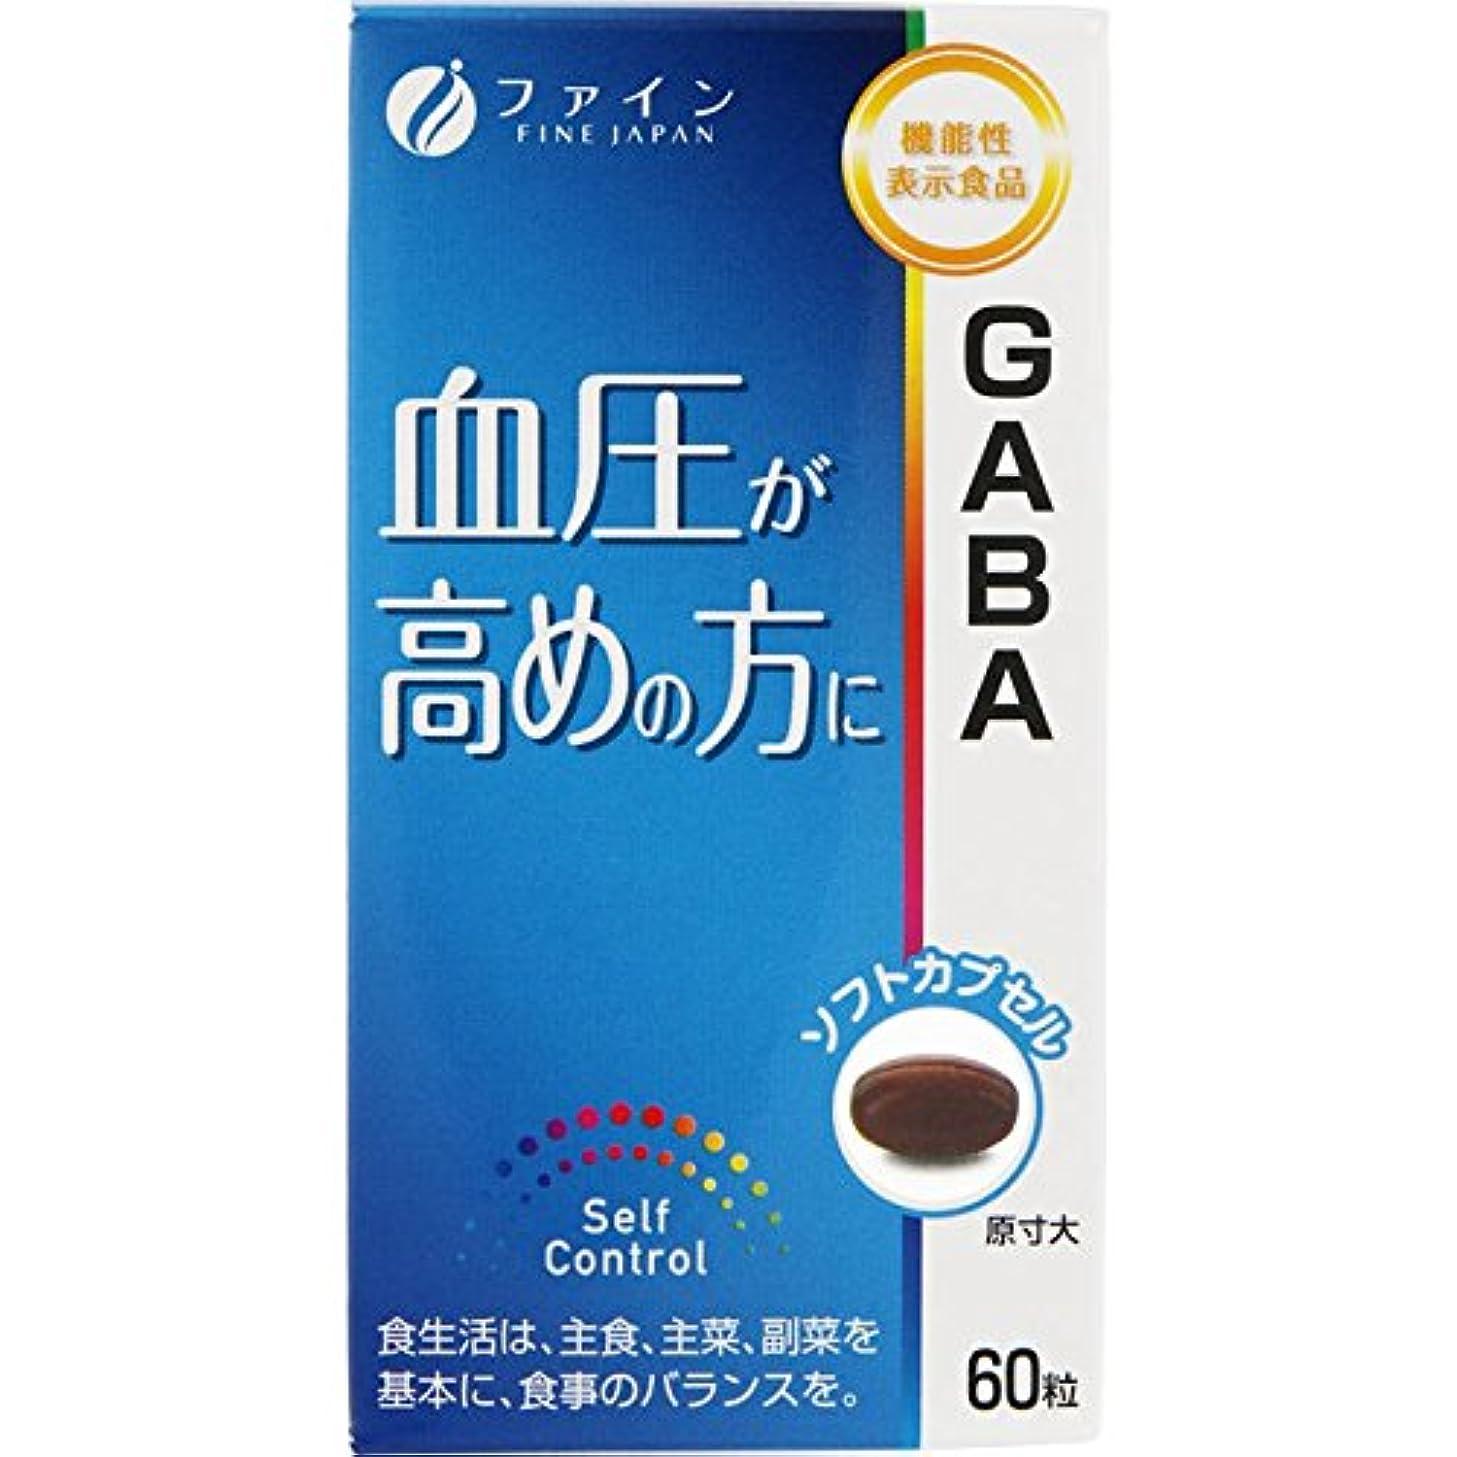 甘い死んでいる誤ファイン 機能性表示食品 GABA 30日分(60粒) EPA DHA 配合